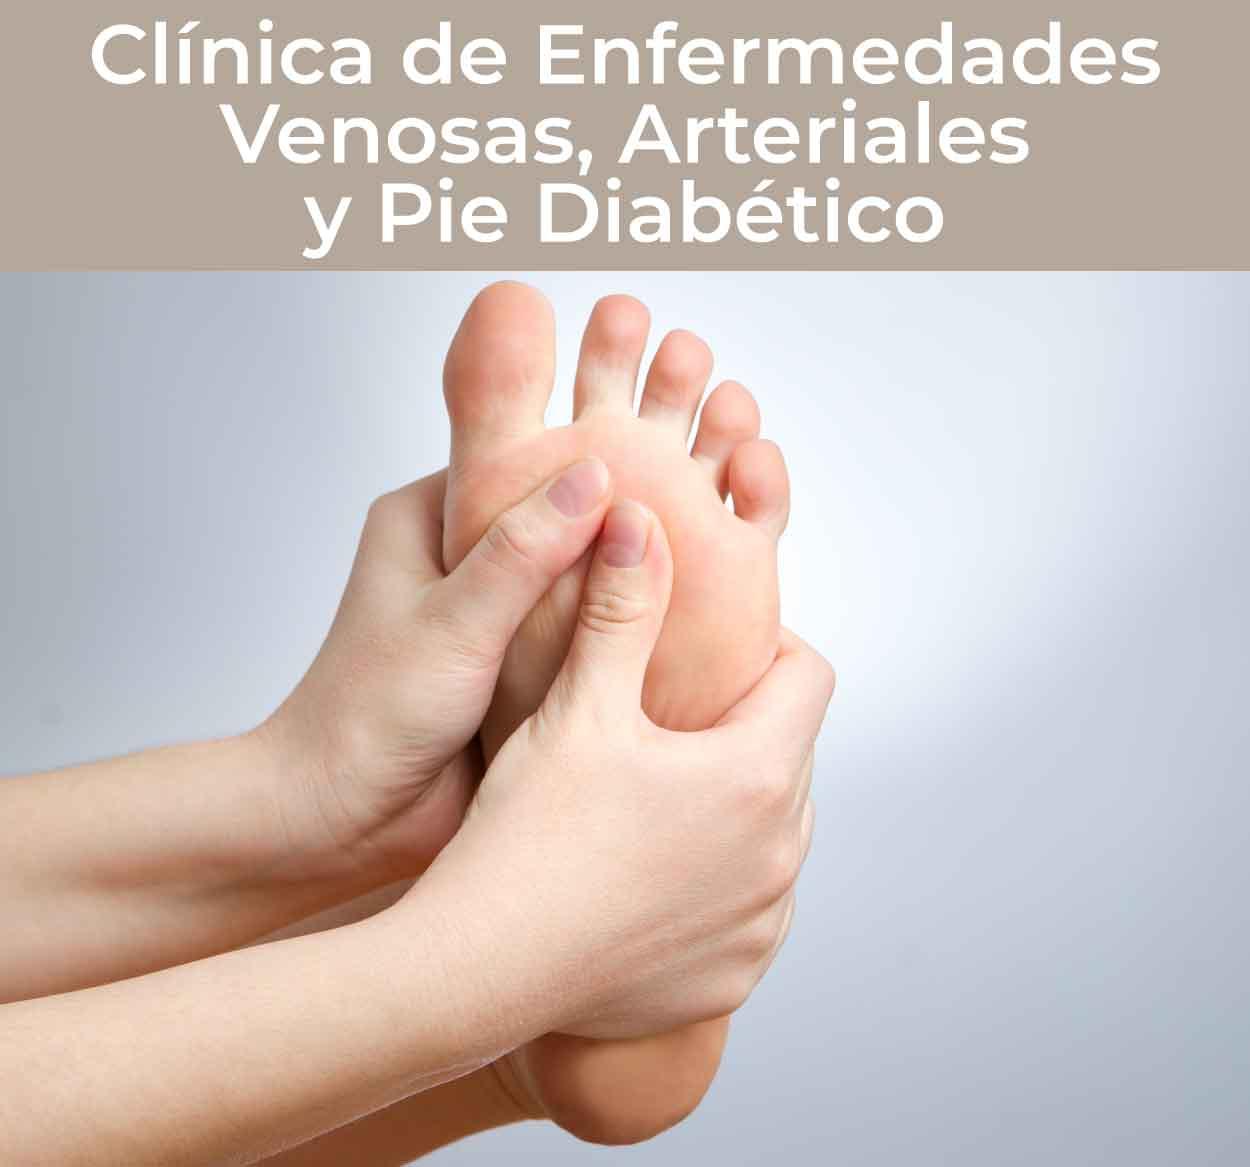 Clínica de Enfermedades Venosas, Arteriales y Pie Diabético